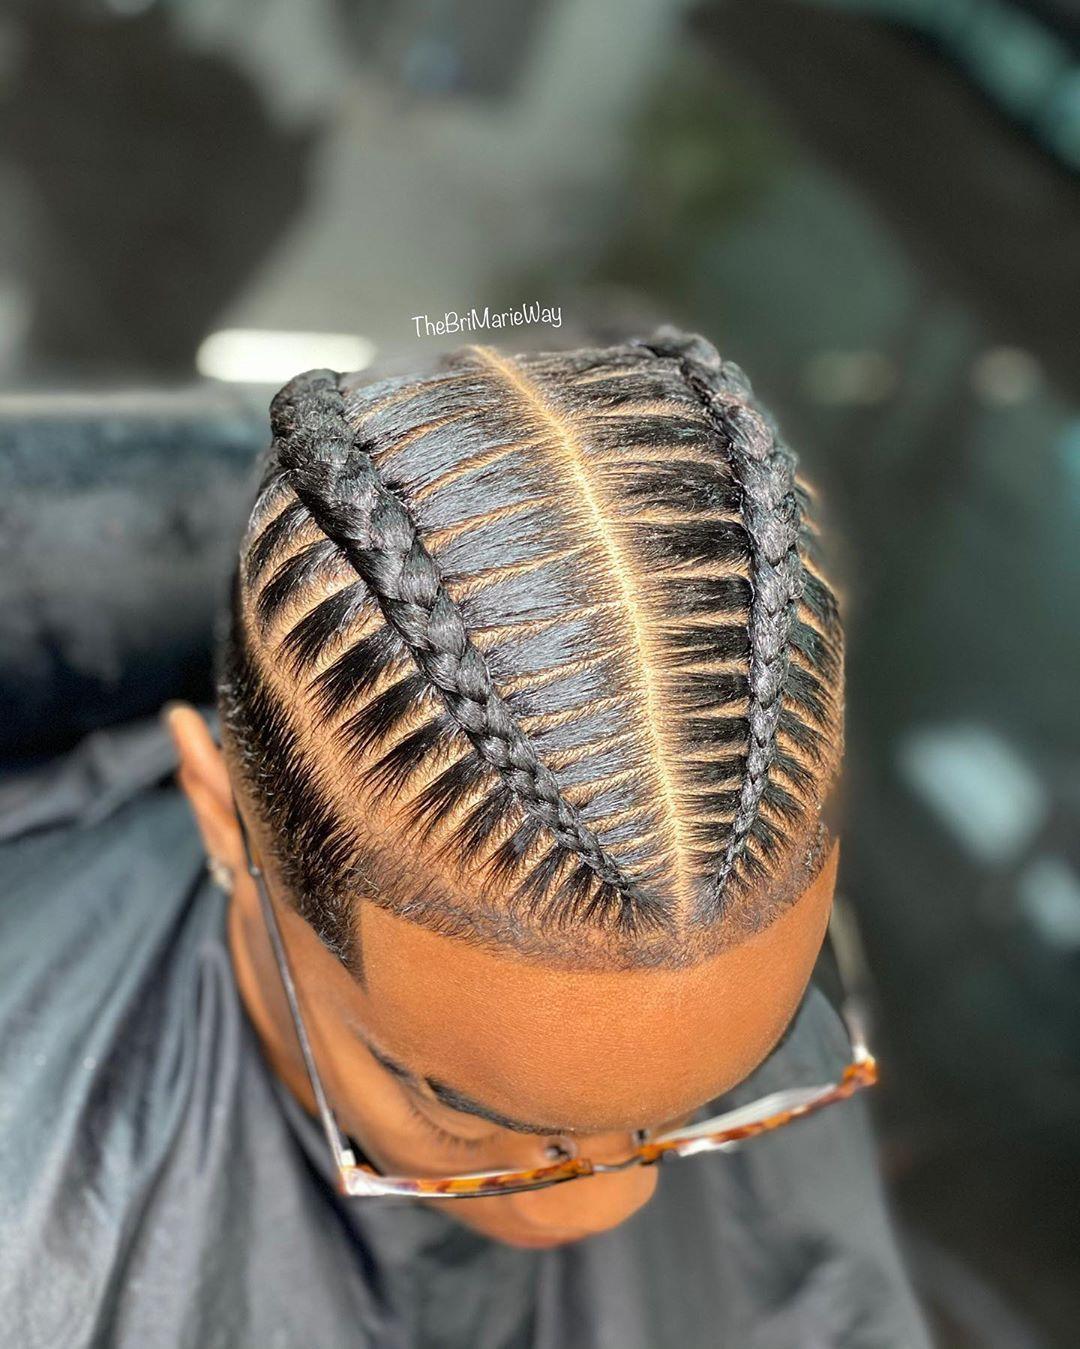 Bri Marie Hair On Instagram 2 Stitched Braids Simplicity Booking Men S 2 Braids Brim Cornrow Hairstyles For Men Boy Braids Hairstyles 2 Braids Men